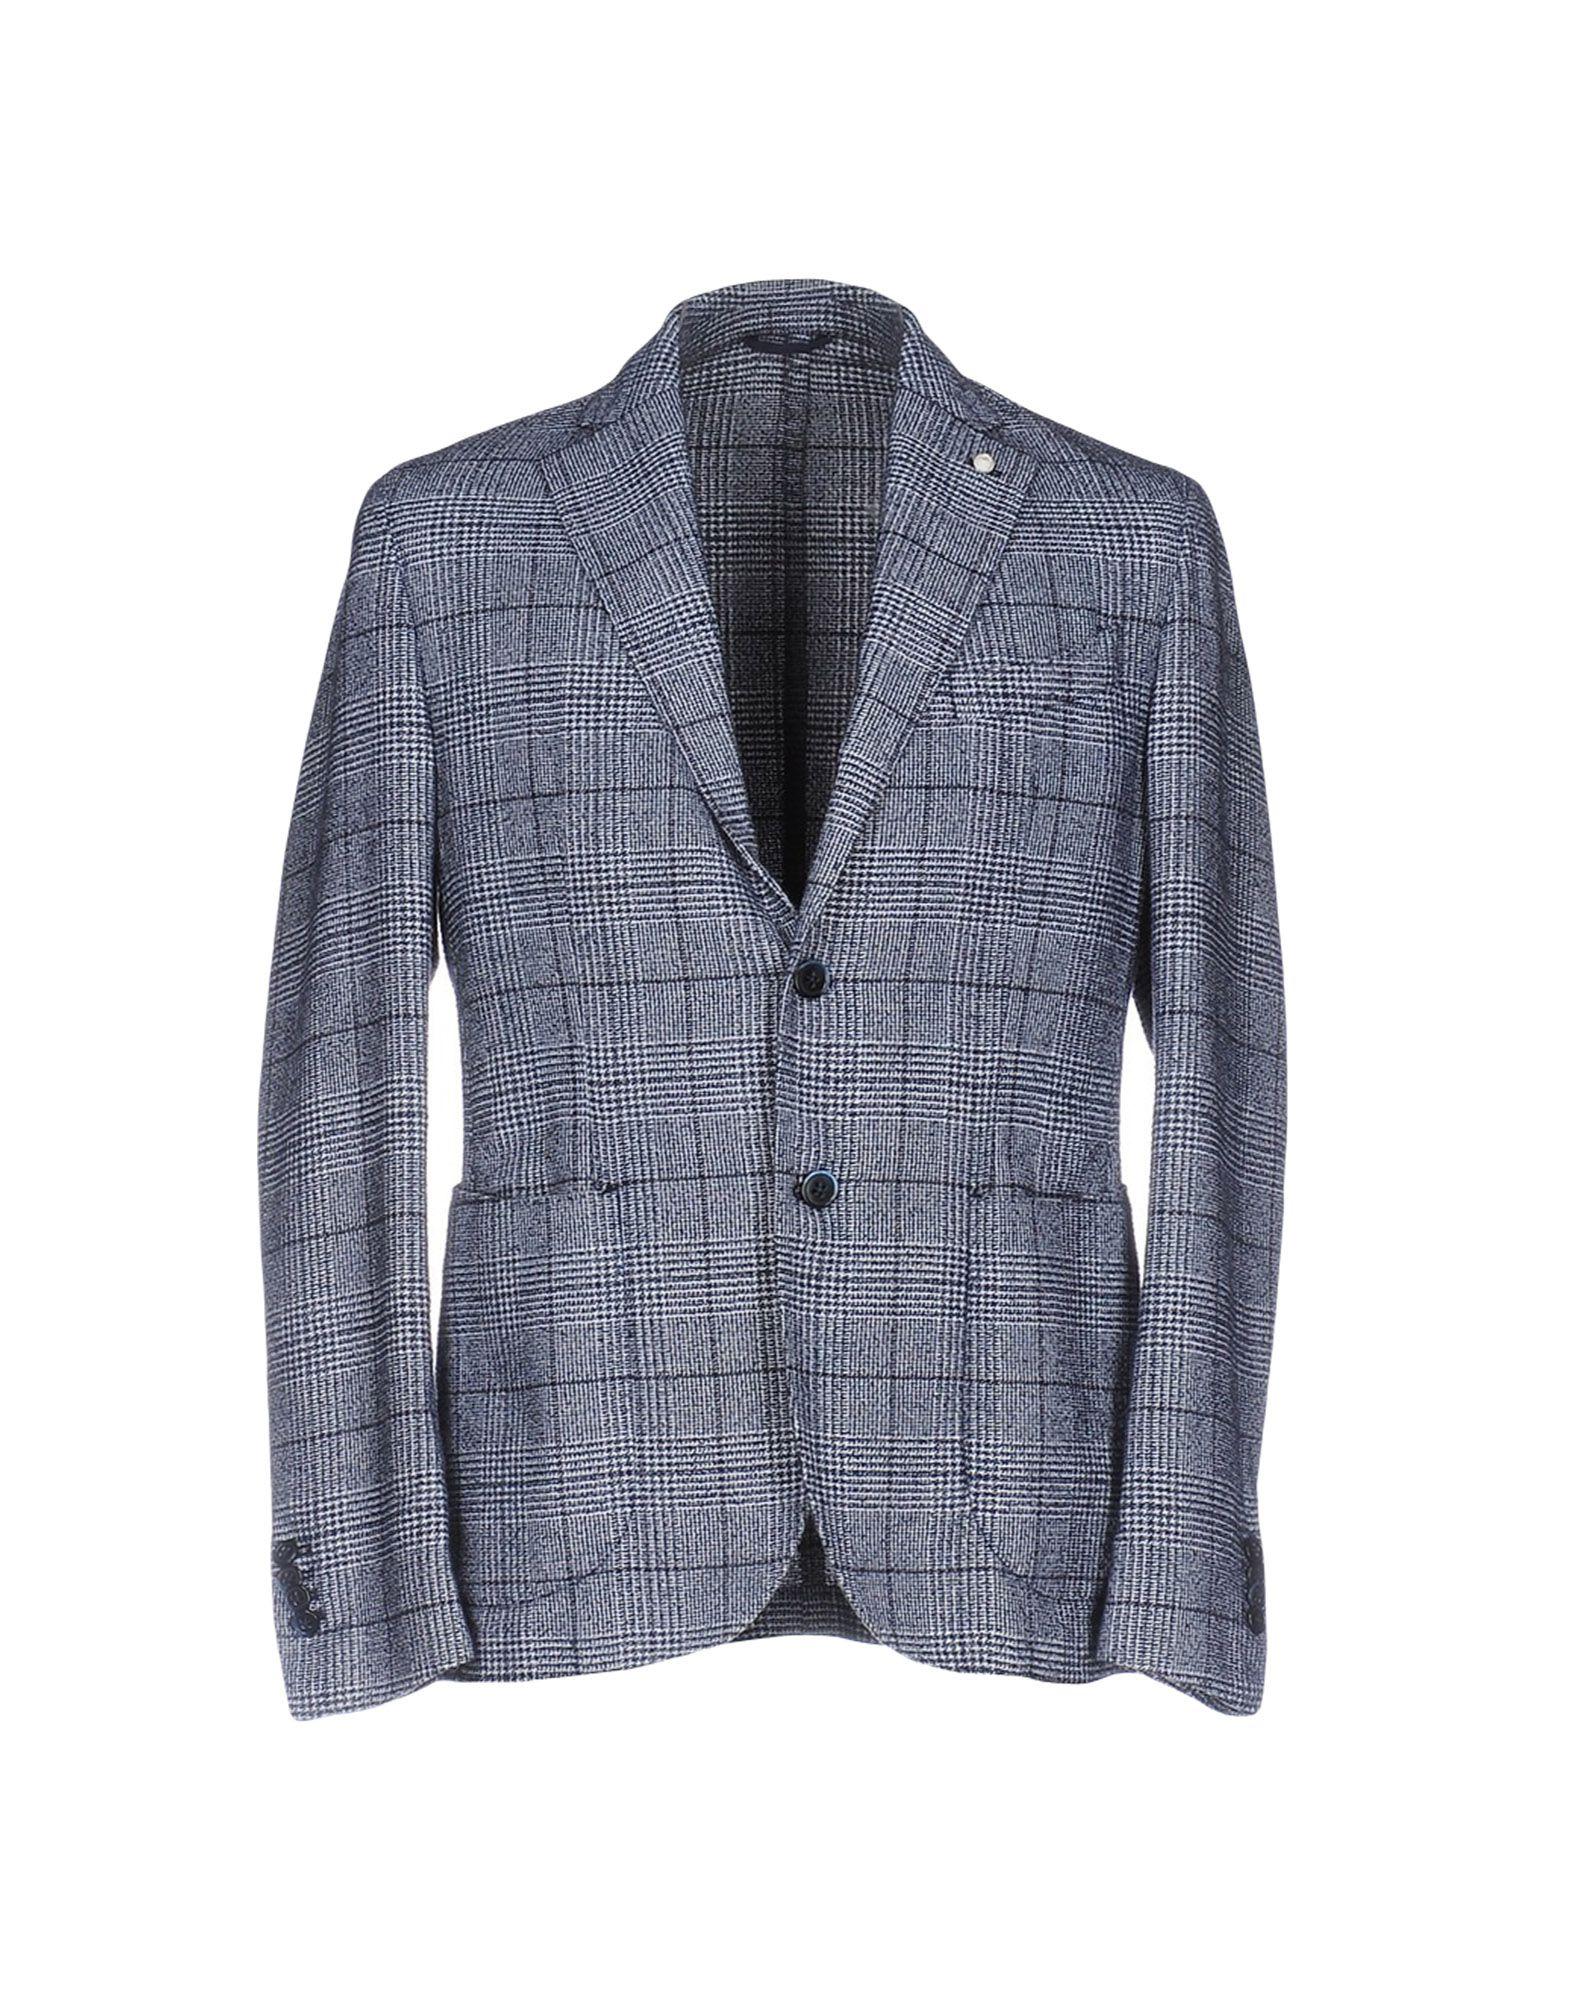 《期間限定セール中》LUIGI BIANCHI ROUGH メンズ テーラードジャケット ダークブルー 52 コットン 46% / ポリエステル 35% / ナイロン 19%